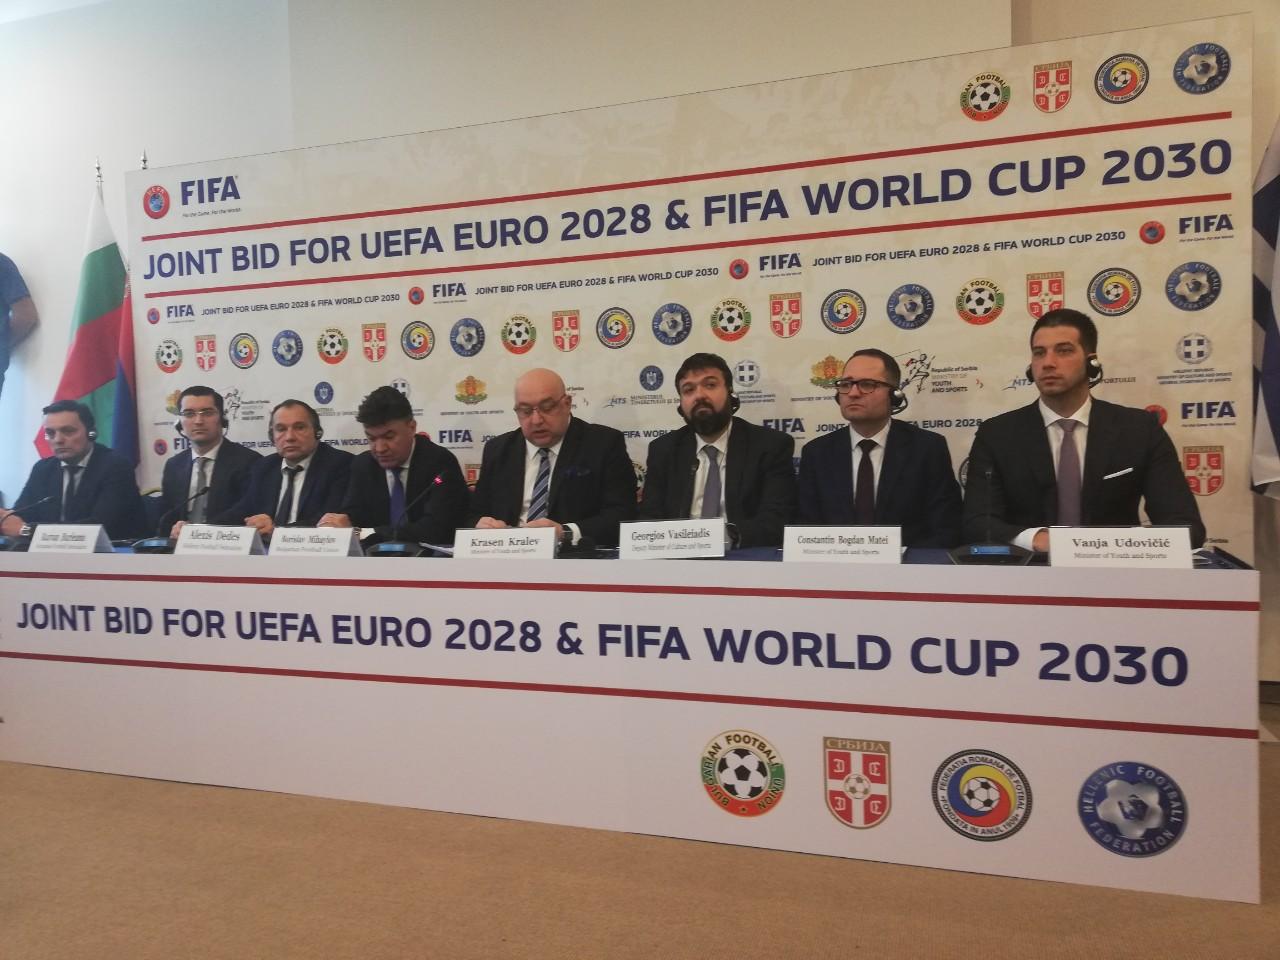 Kандидатура за европско и светско првенство у фудбалу – још један корак ка циљу